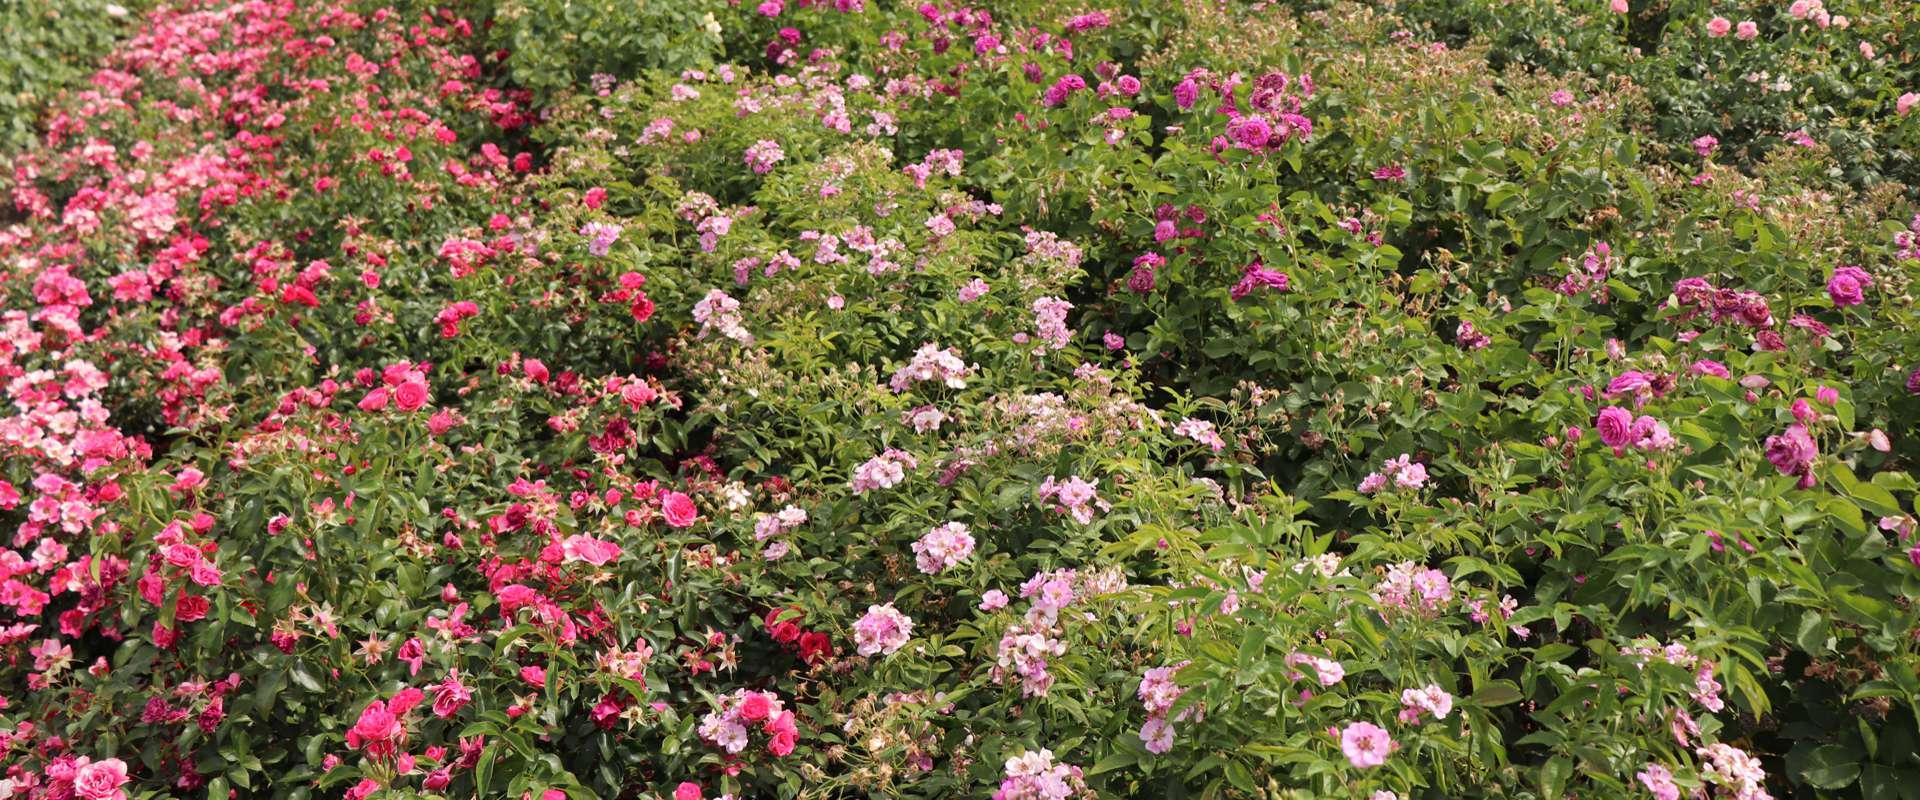 Перейти на сайт оптовой торговли саженцами роз